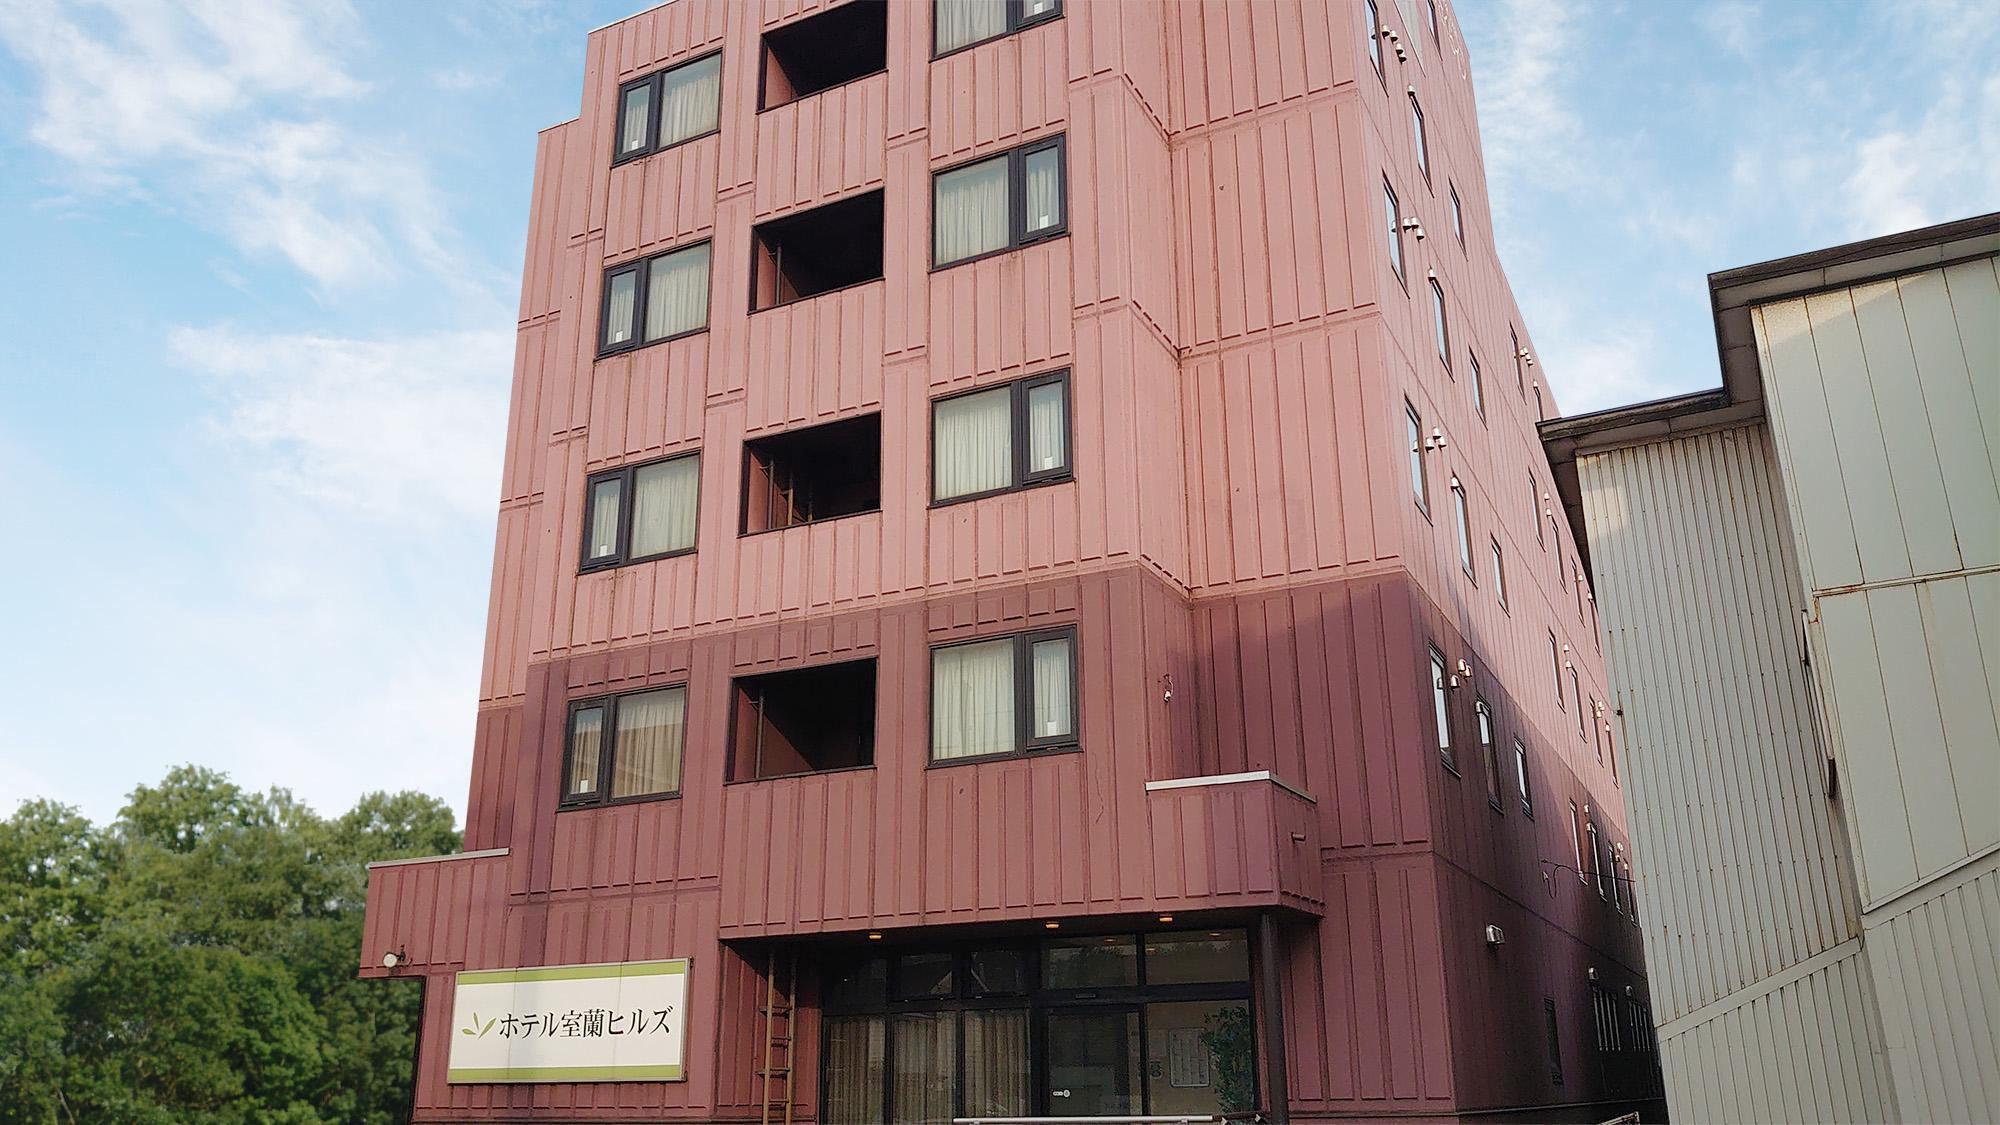 ホテル室蘭ヒルズ 輪西駅前(BBHホテルグループ)...